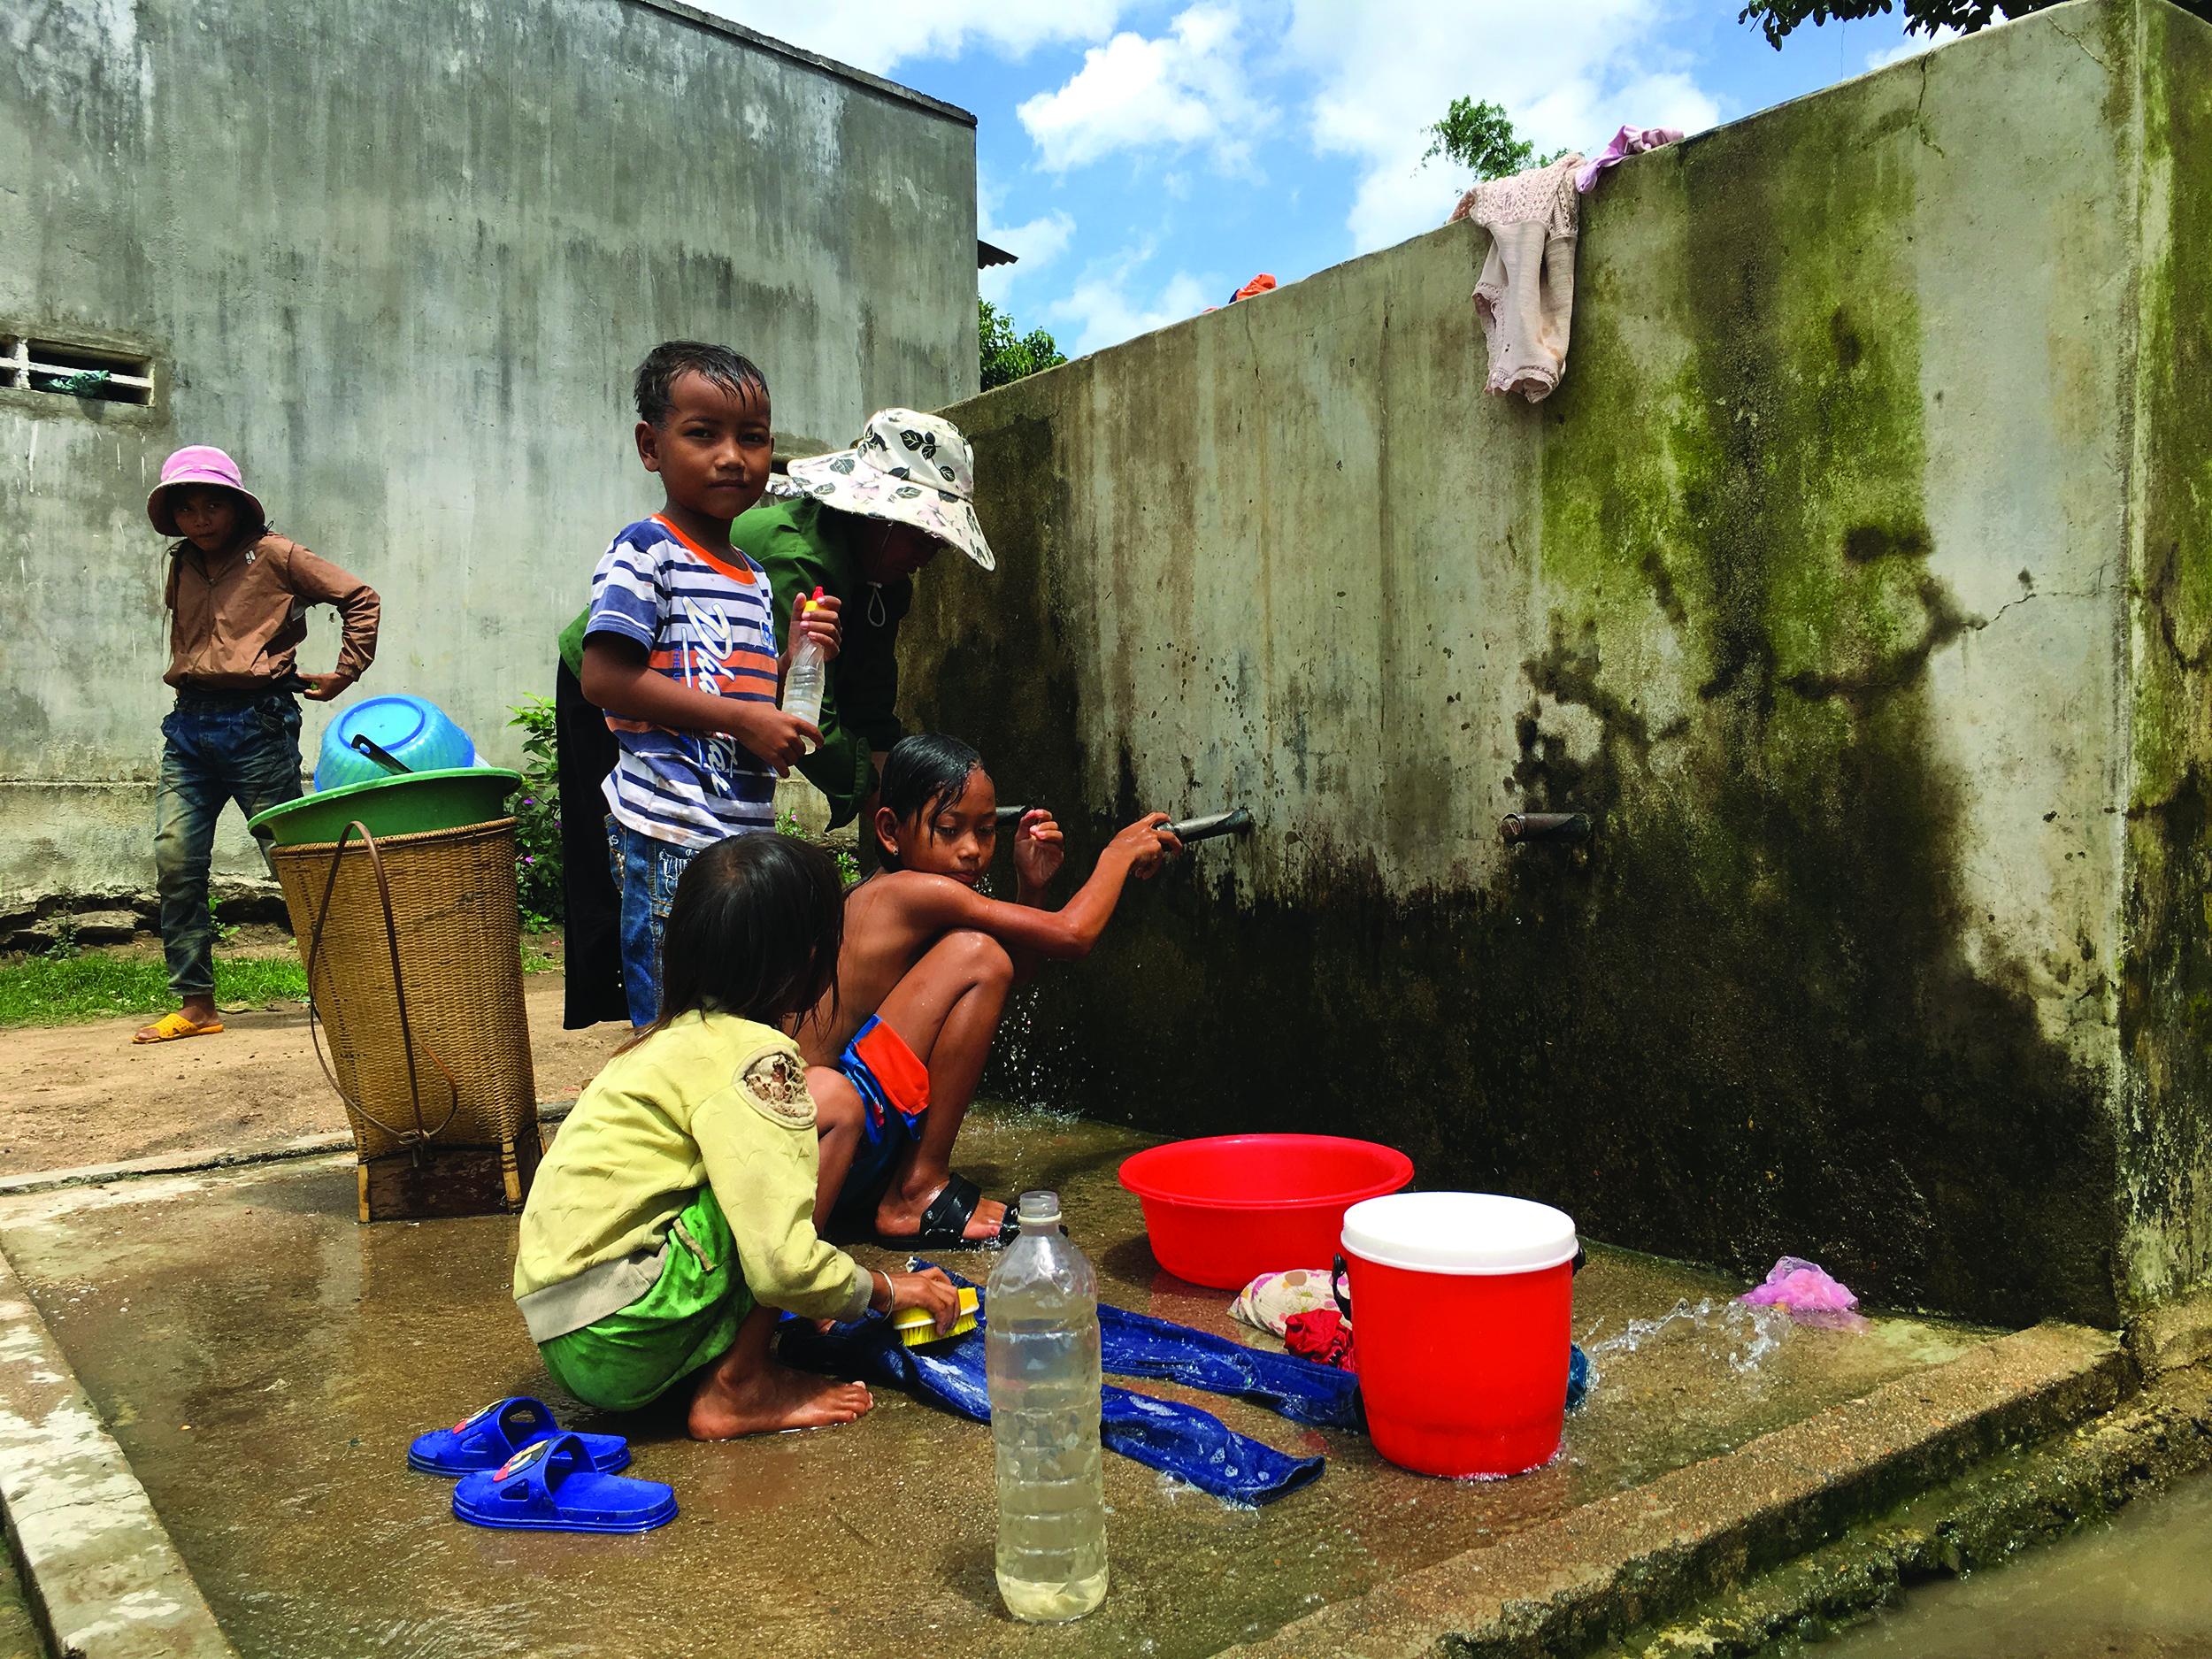 Tại xã Chư Krey đời sống người dân vẫn gặp nhiều khó khăn. (Trong ảnh: người dân sử dụng nước sinh hoạt tại một bể nước tập trung).